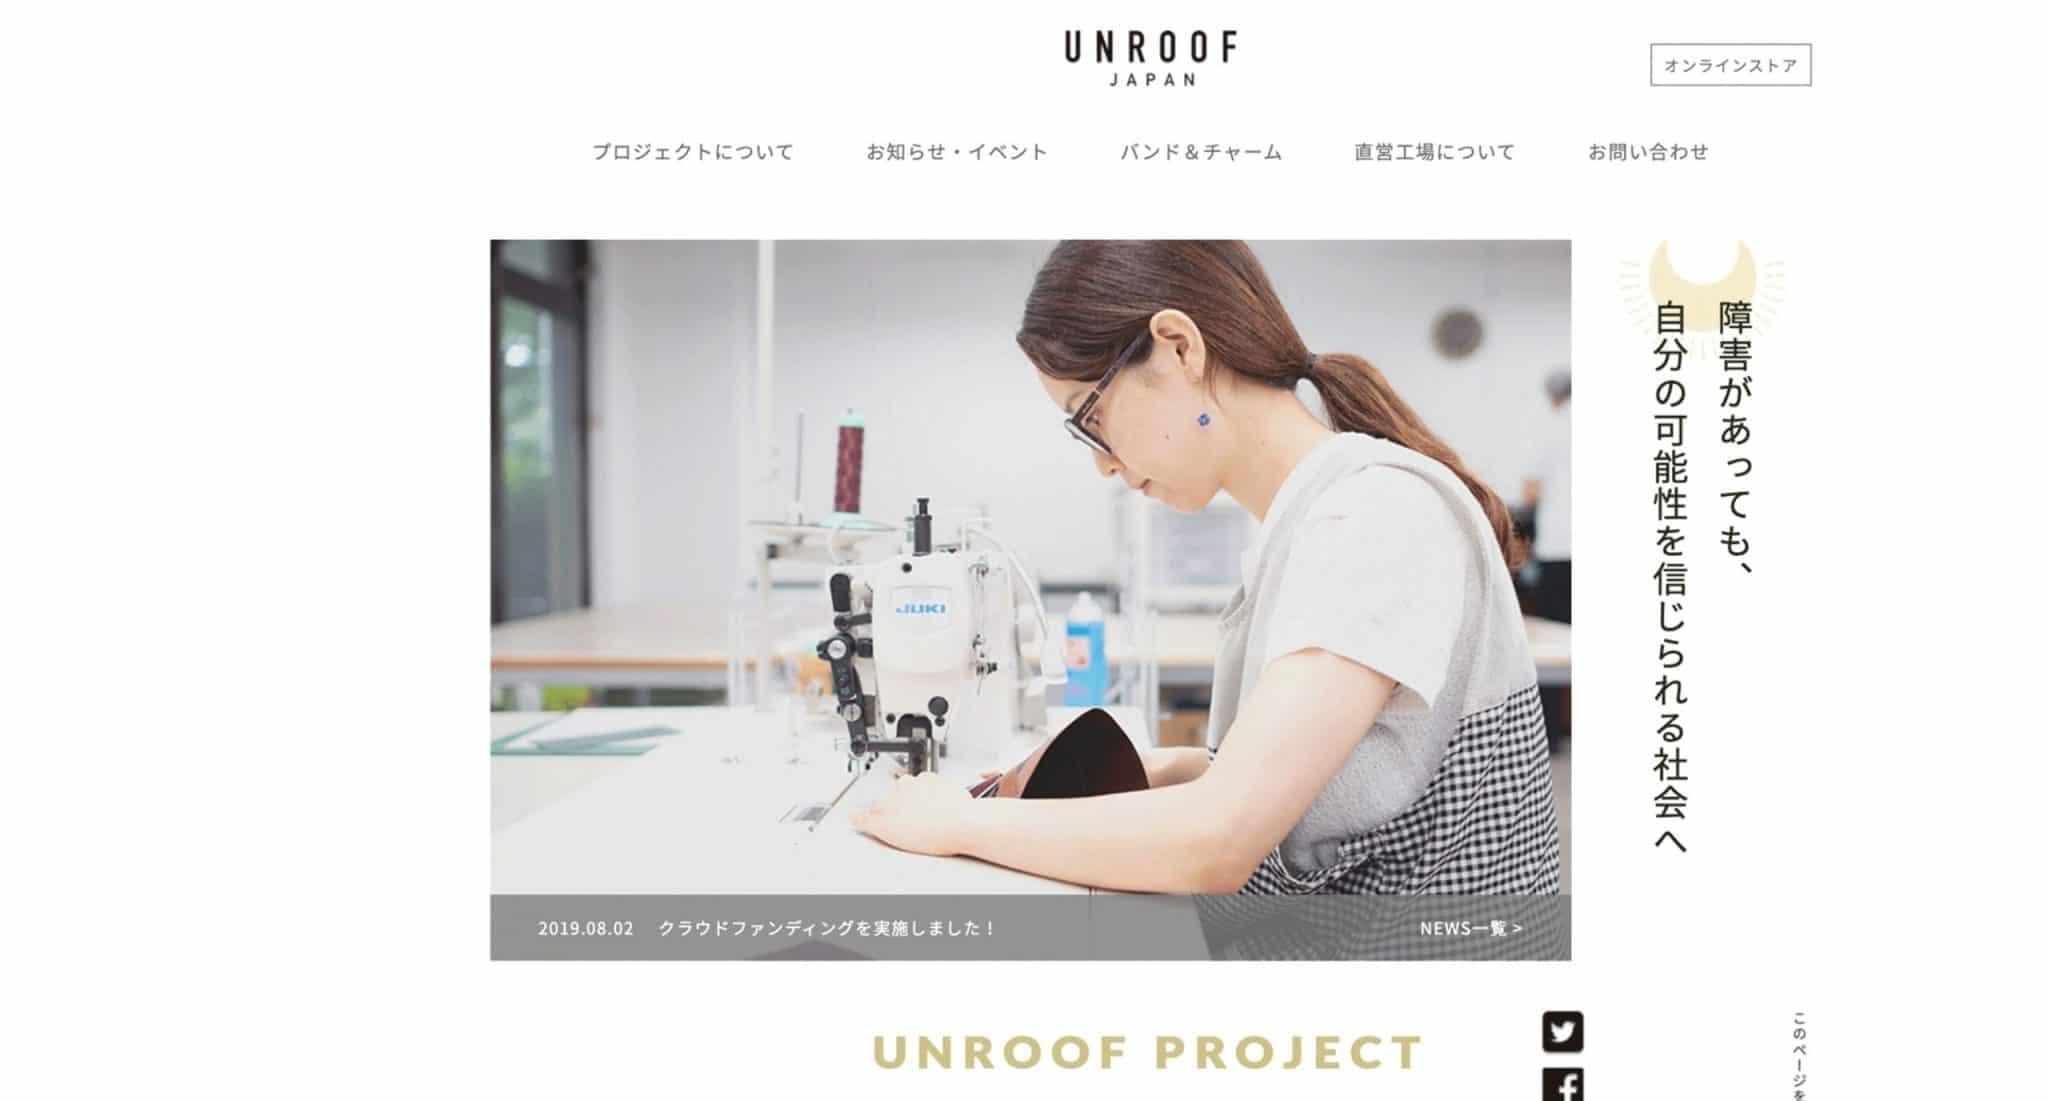 精神・発達障害者が活躍する職場をつくる「UNROOF」